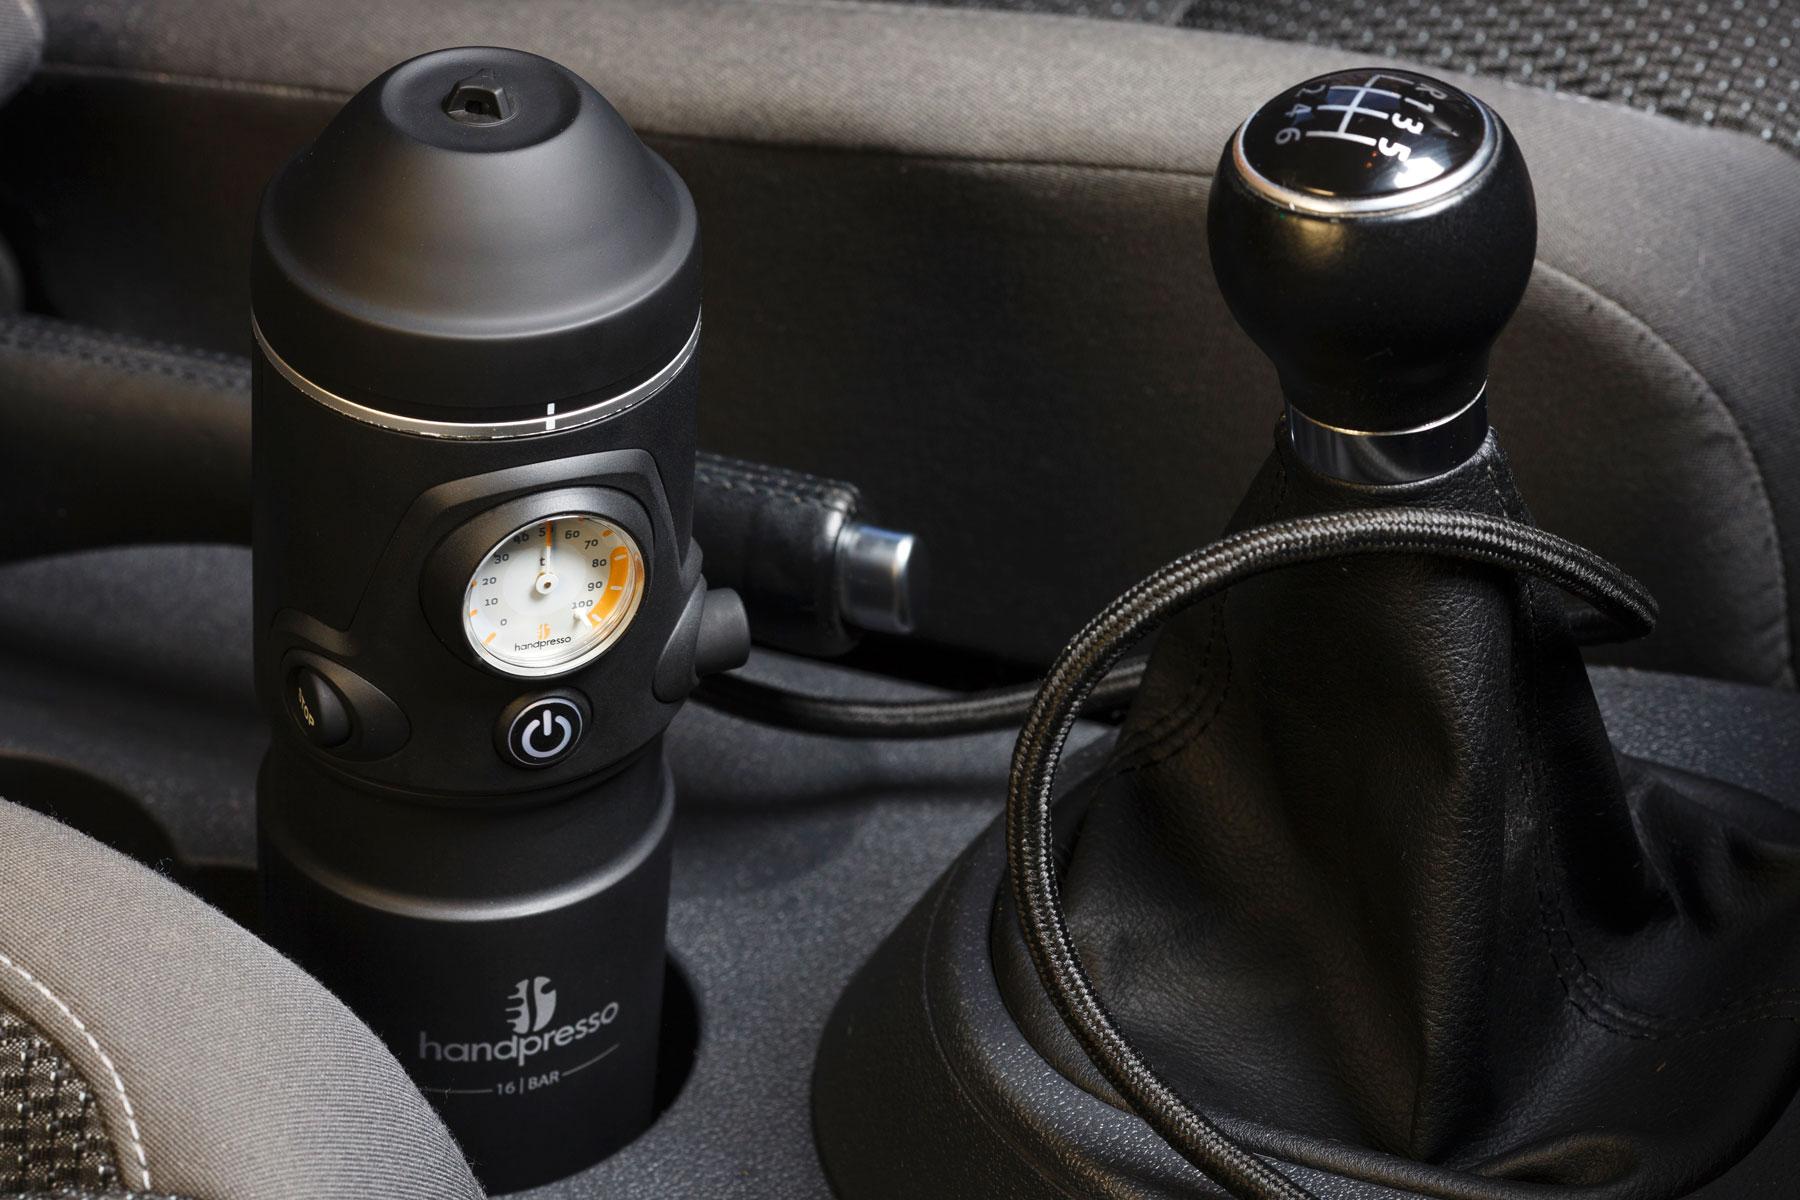 Handpresso Auto In Car 1